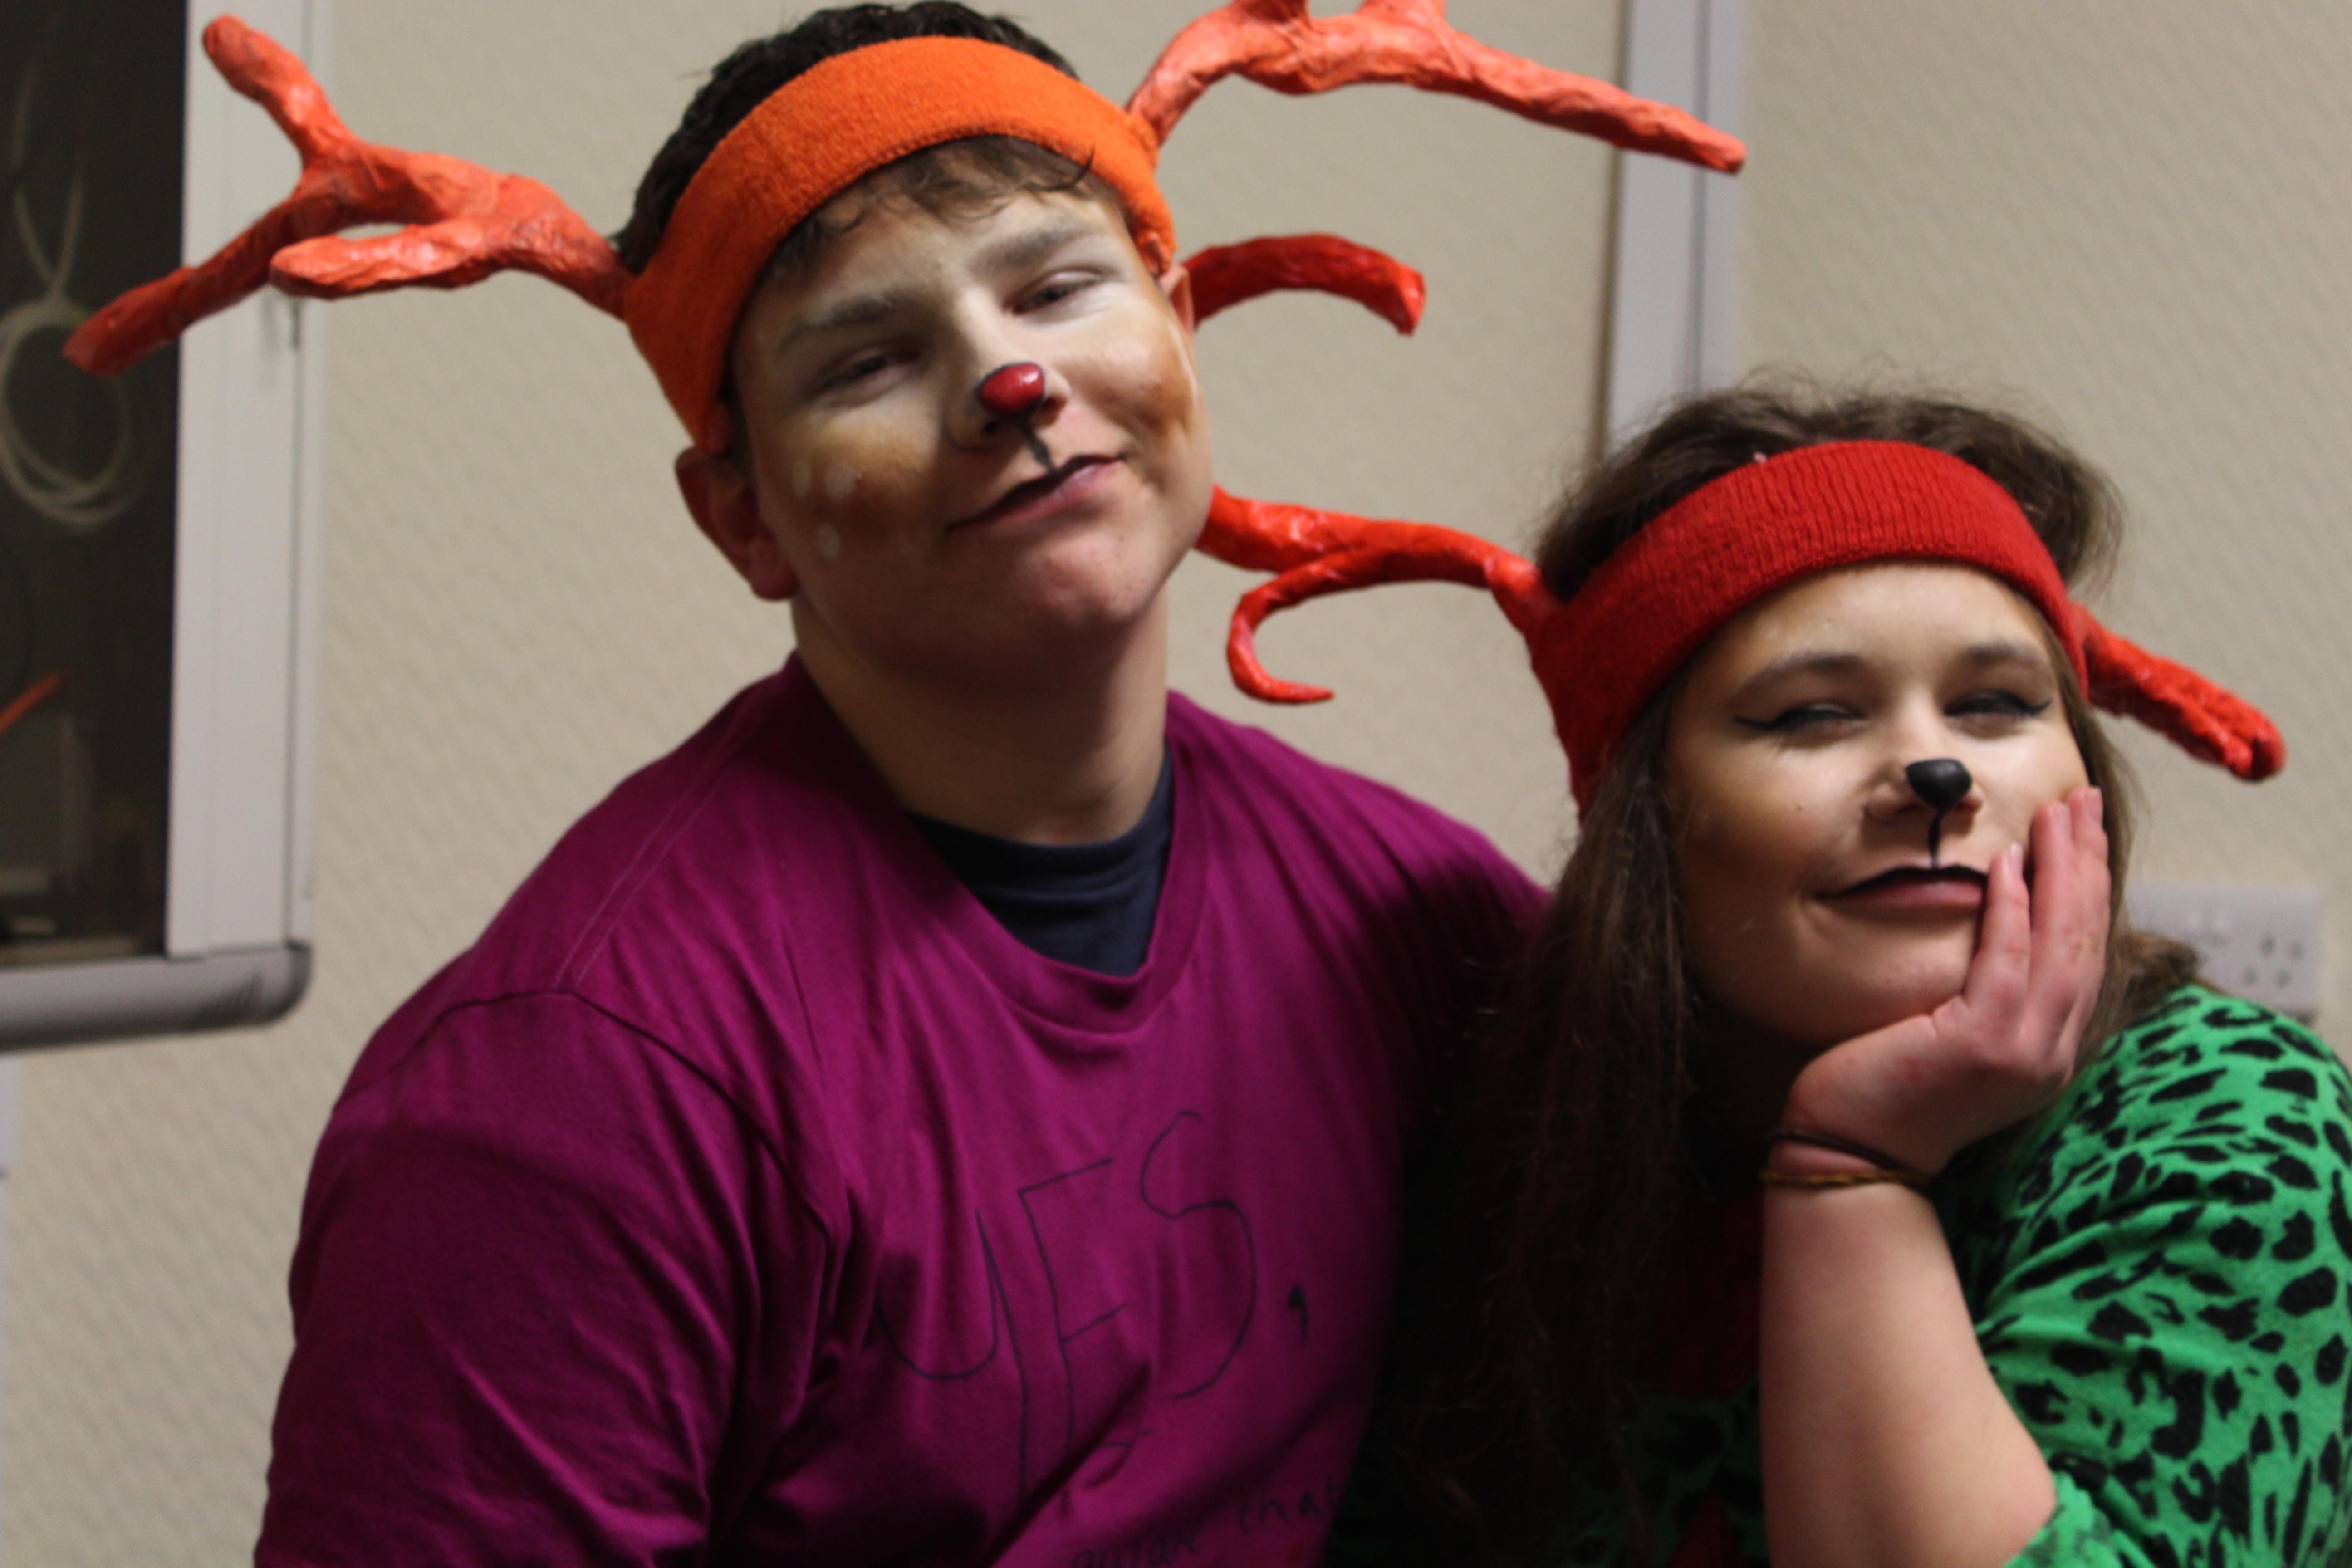 2 young people wearing reindeer antlers